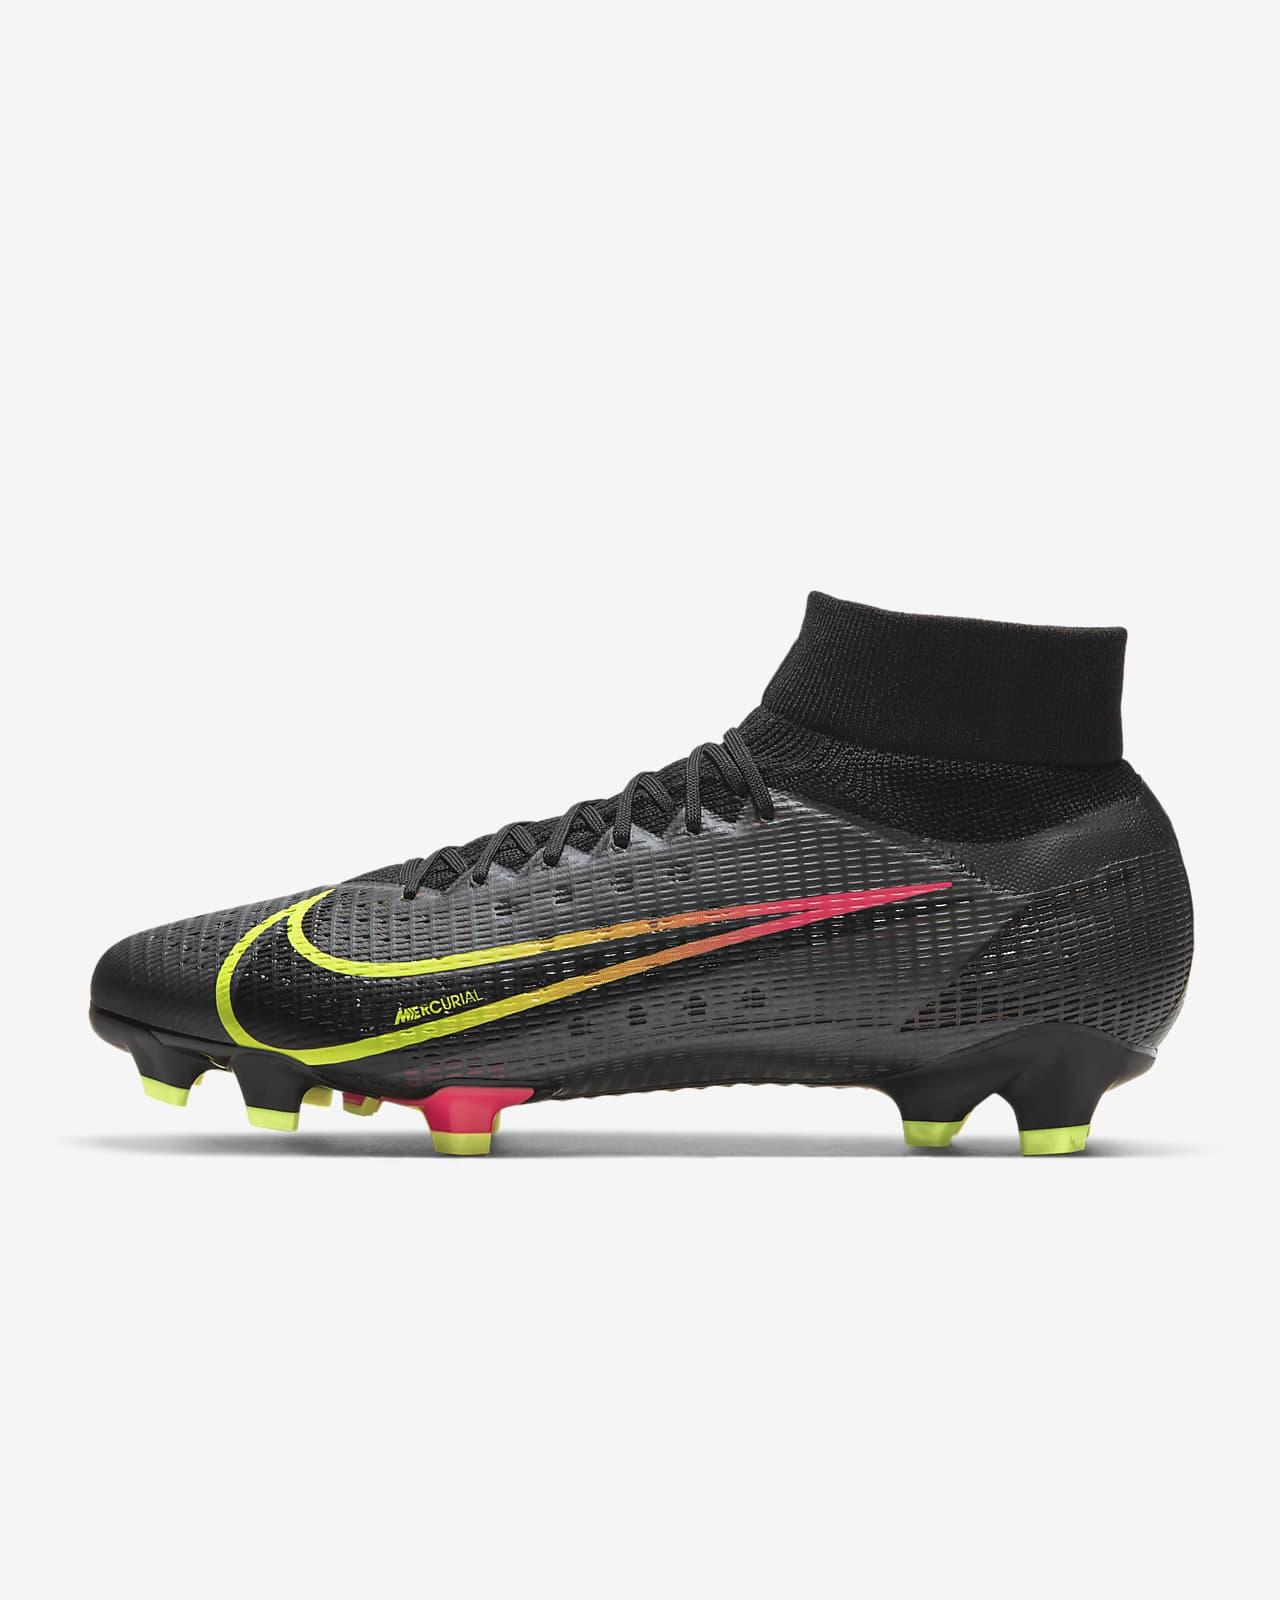 Chaussure de football à crampons pour terrain sec Nike Mercurial Superfly 8 Pro FG